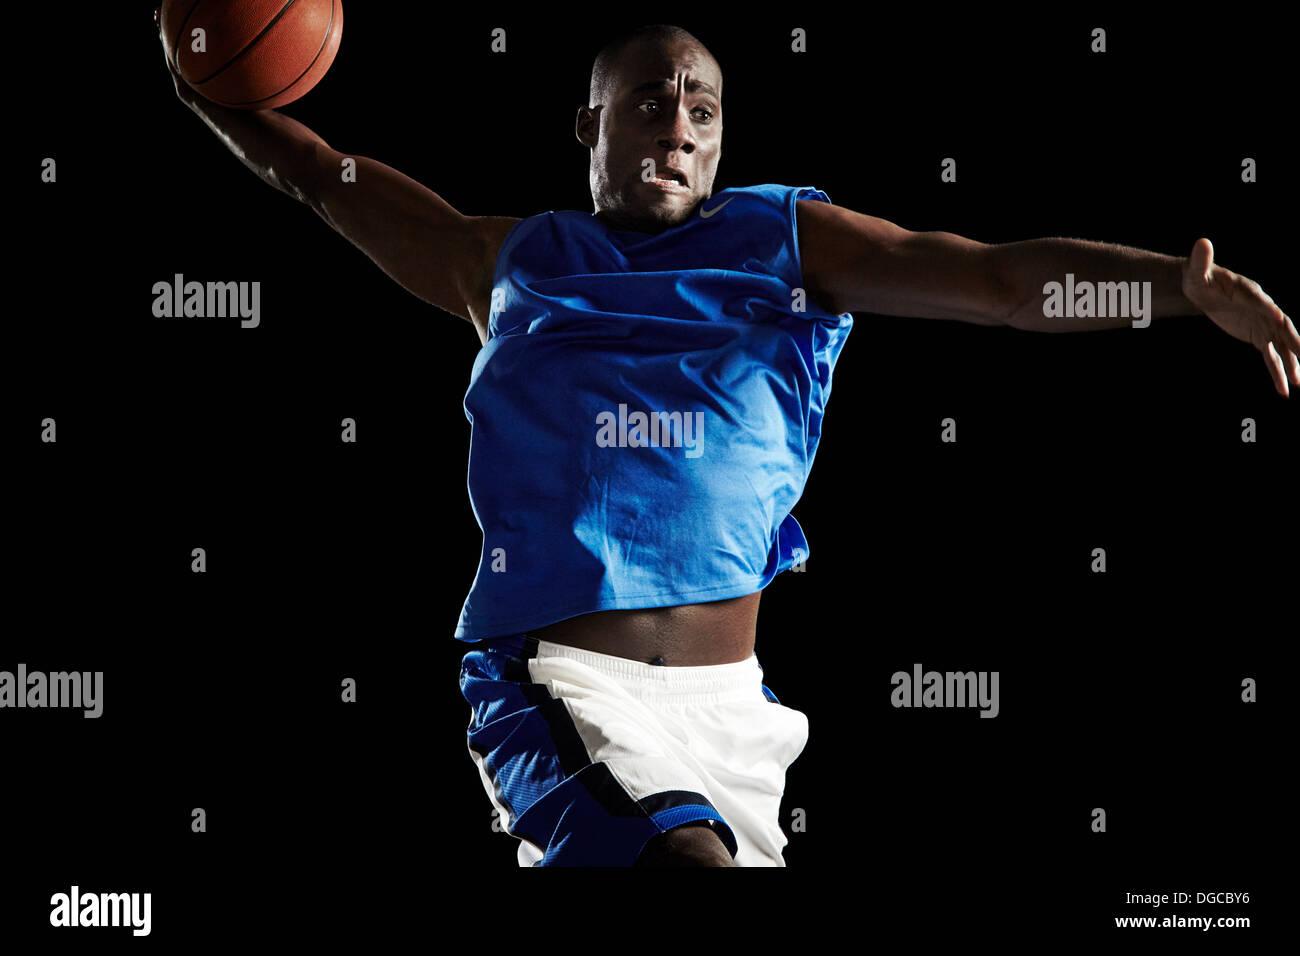 Männer Basketball Spieler schießen ball Stockbild